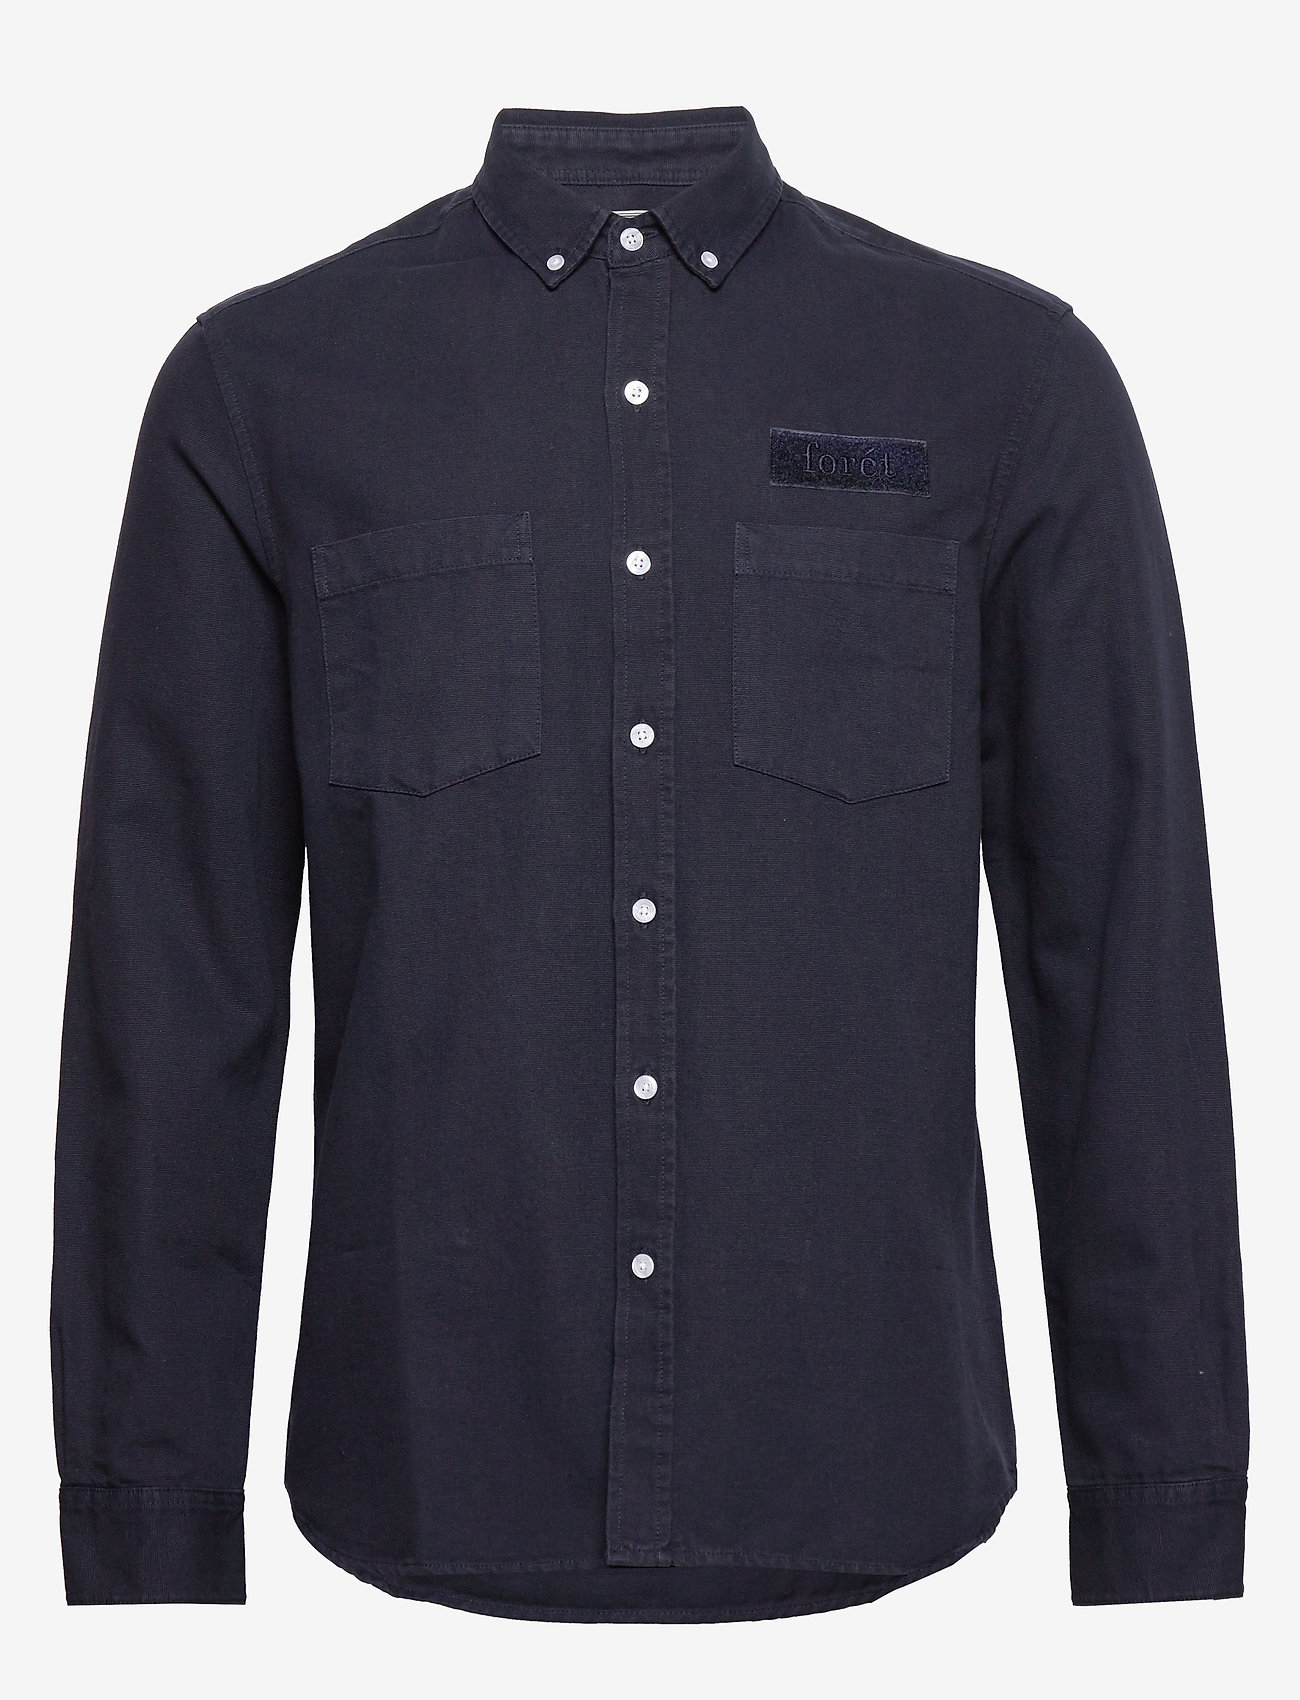 Forét - BEAR SHIRT - overshirts - midnight blue - 0